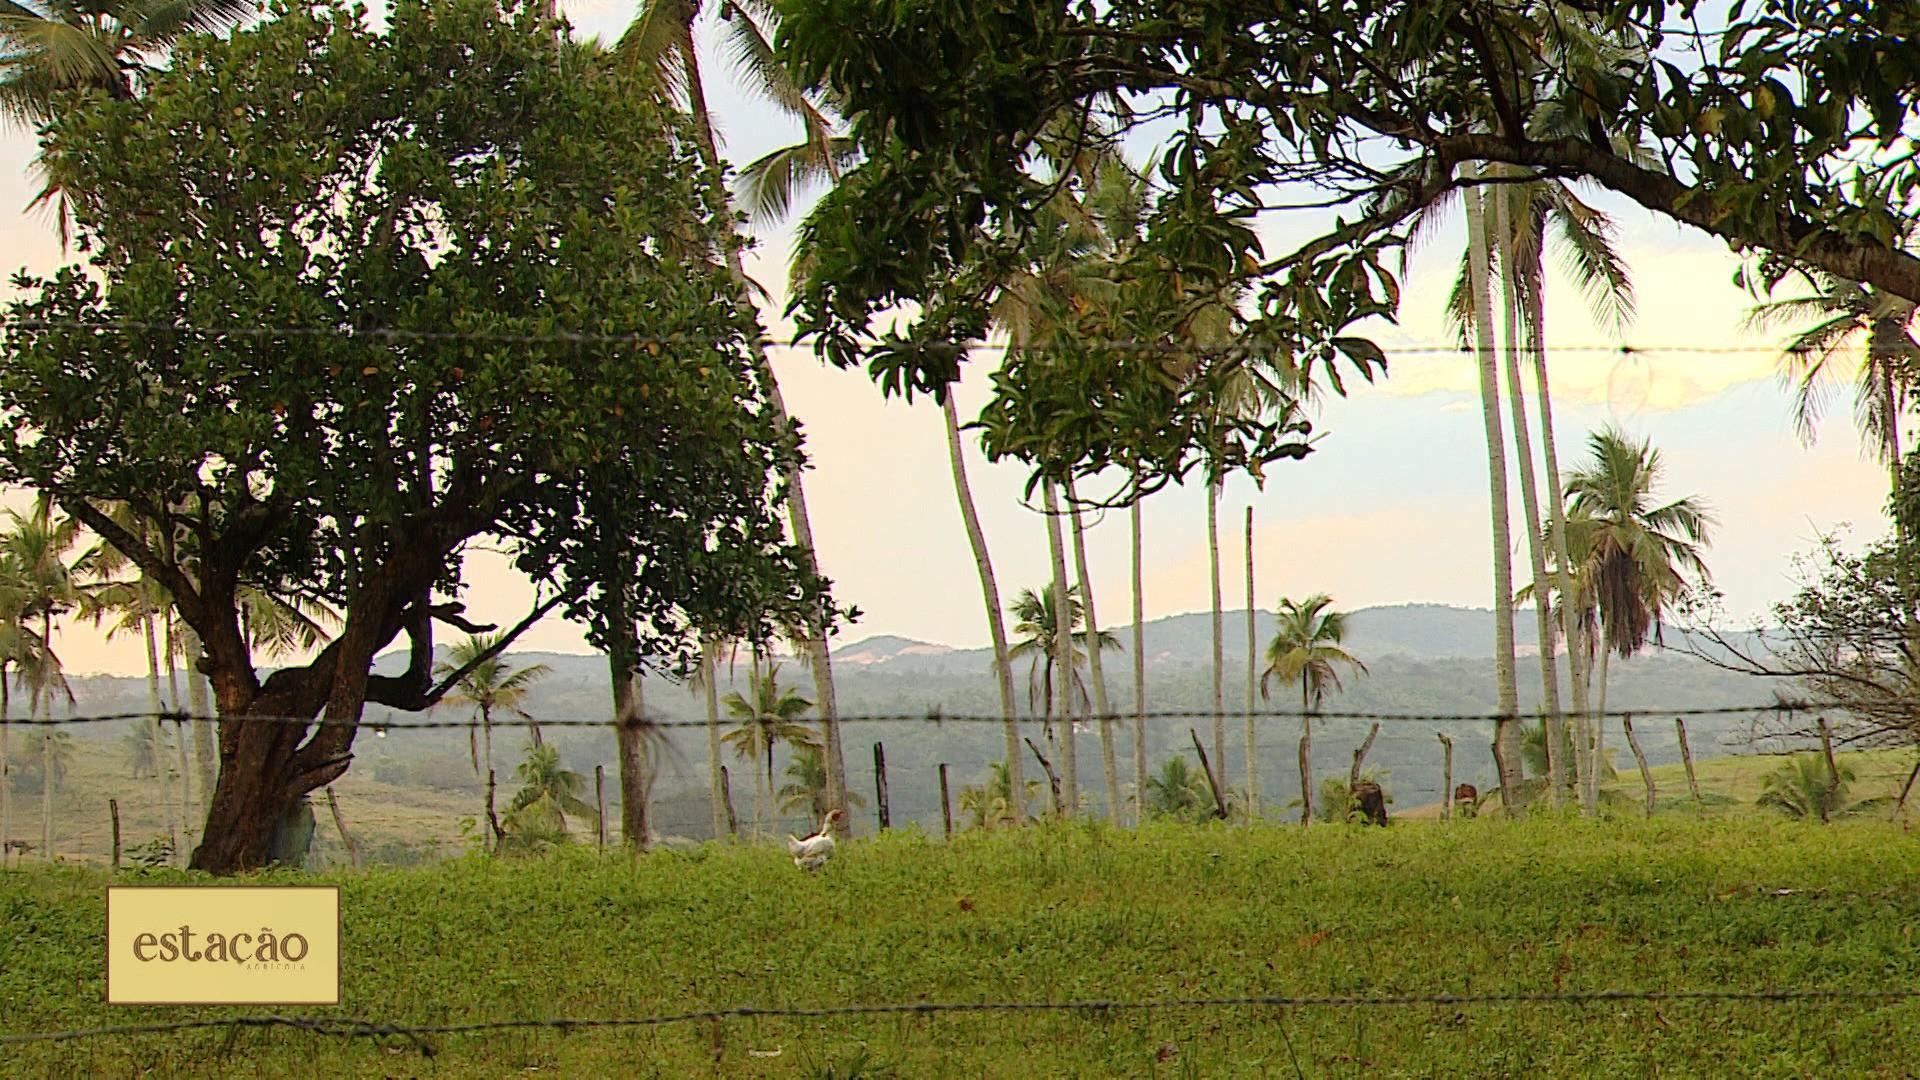 VÍDEOS: Estação Agrícola deste domingo, 20 de junho